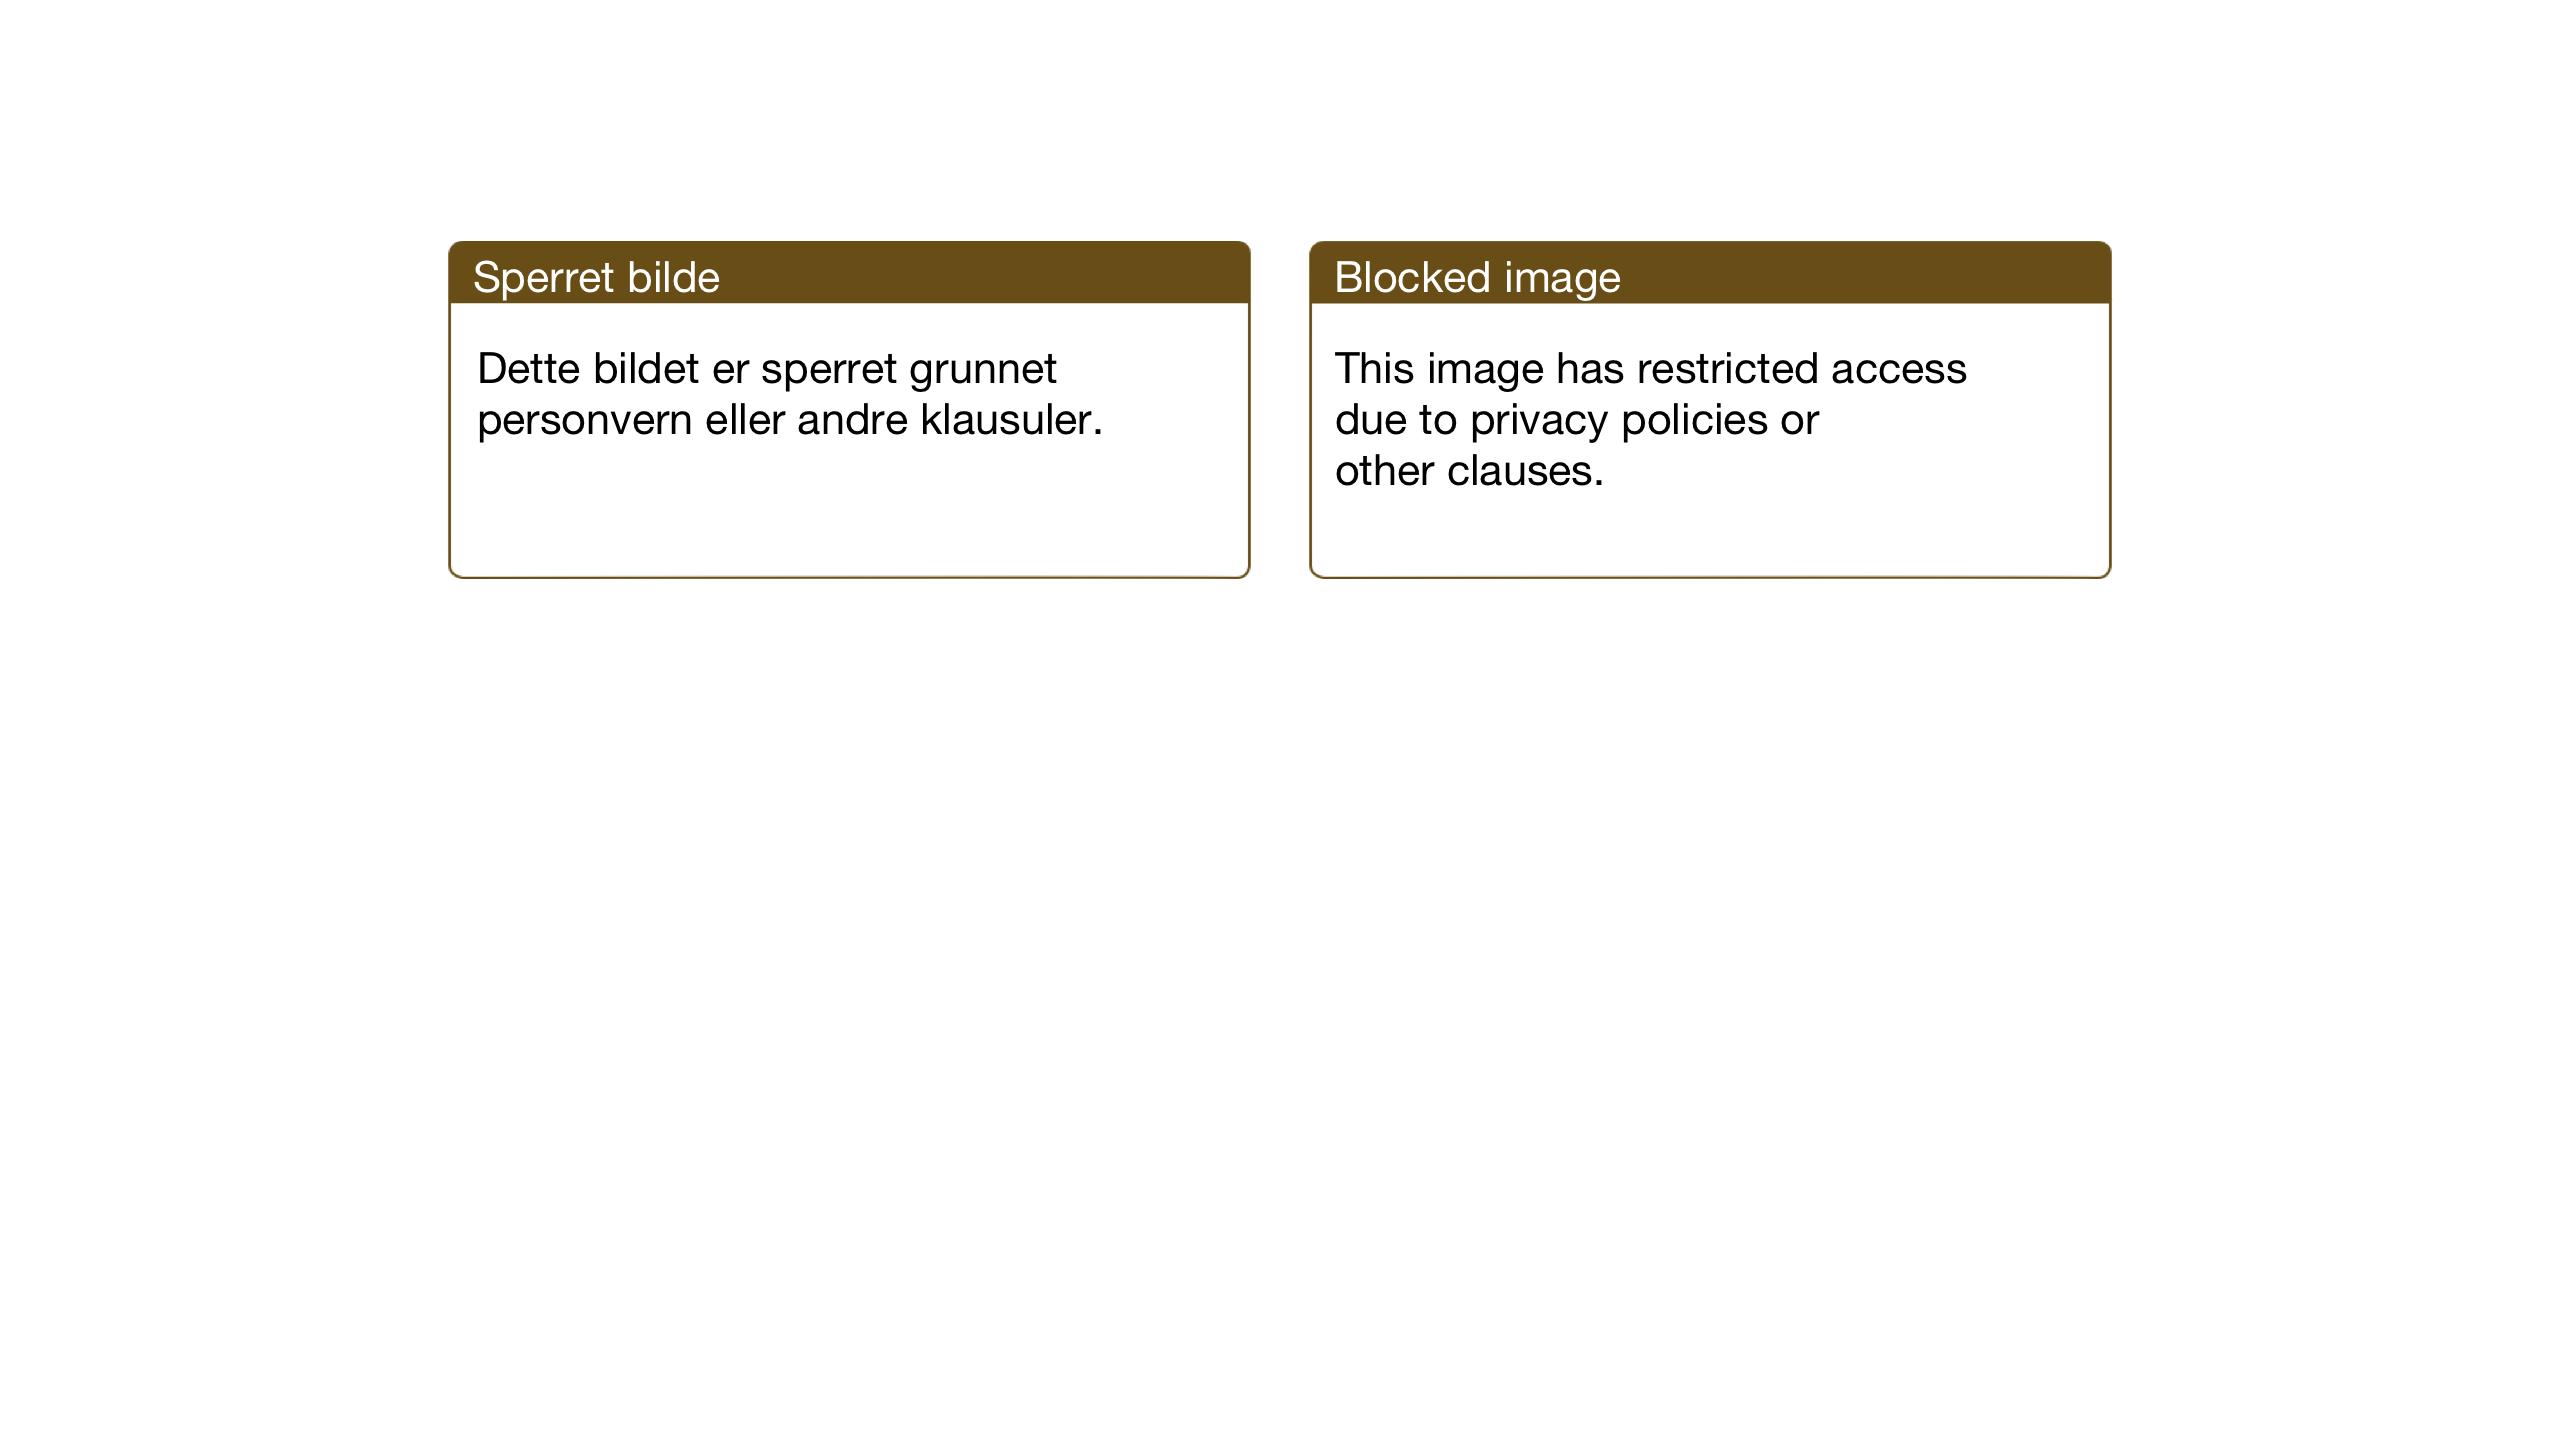 SAT, Ministerialprotokoller, klokkerbøker og fødselsregistre - Sør-Trøndelag, 693/L1124: Klokkerbok nr. 693C05, 1911-1941, s. 87